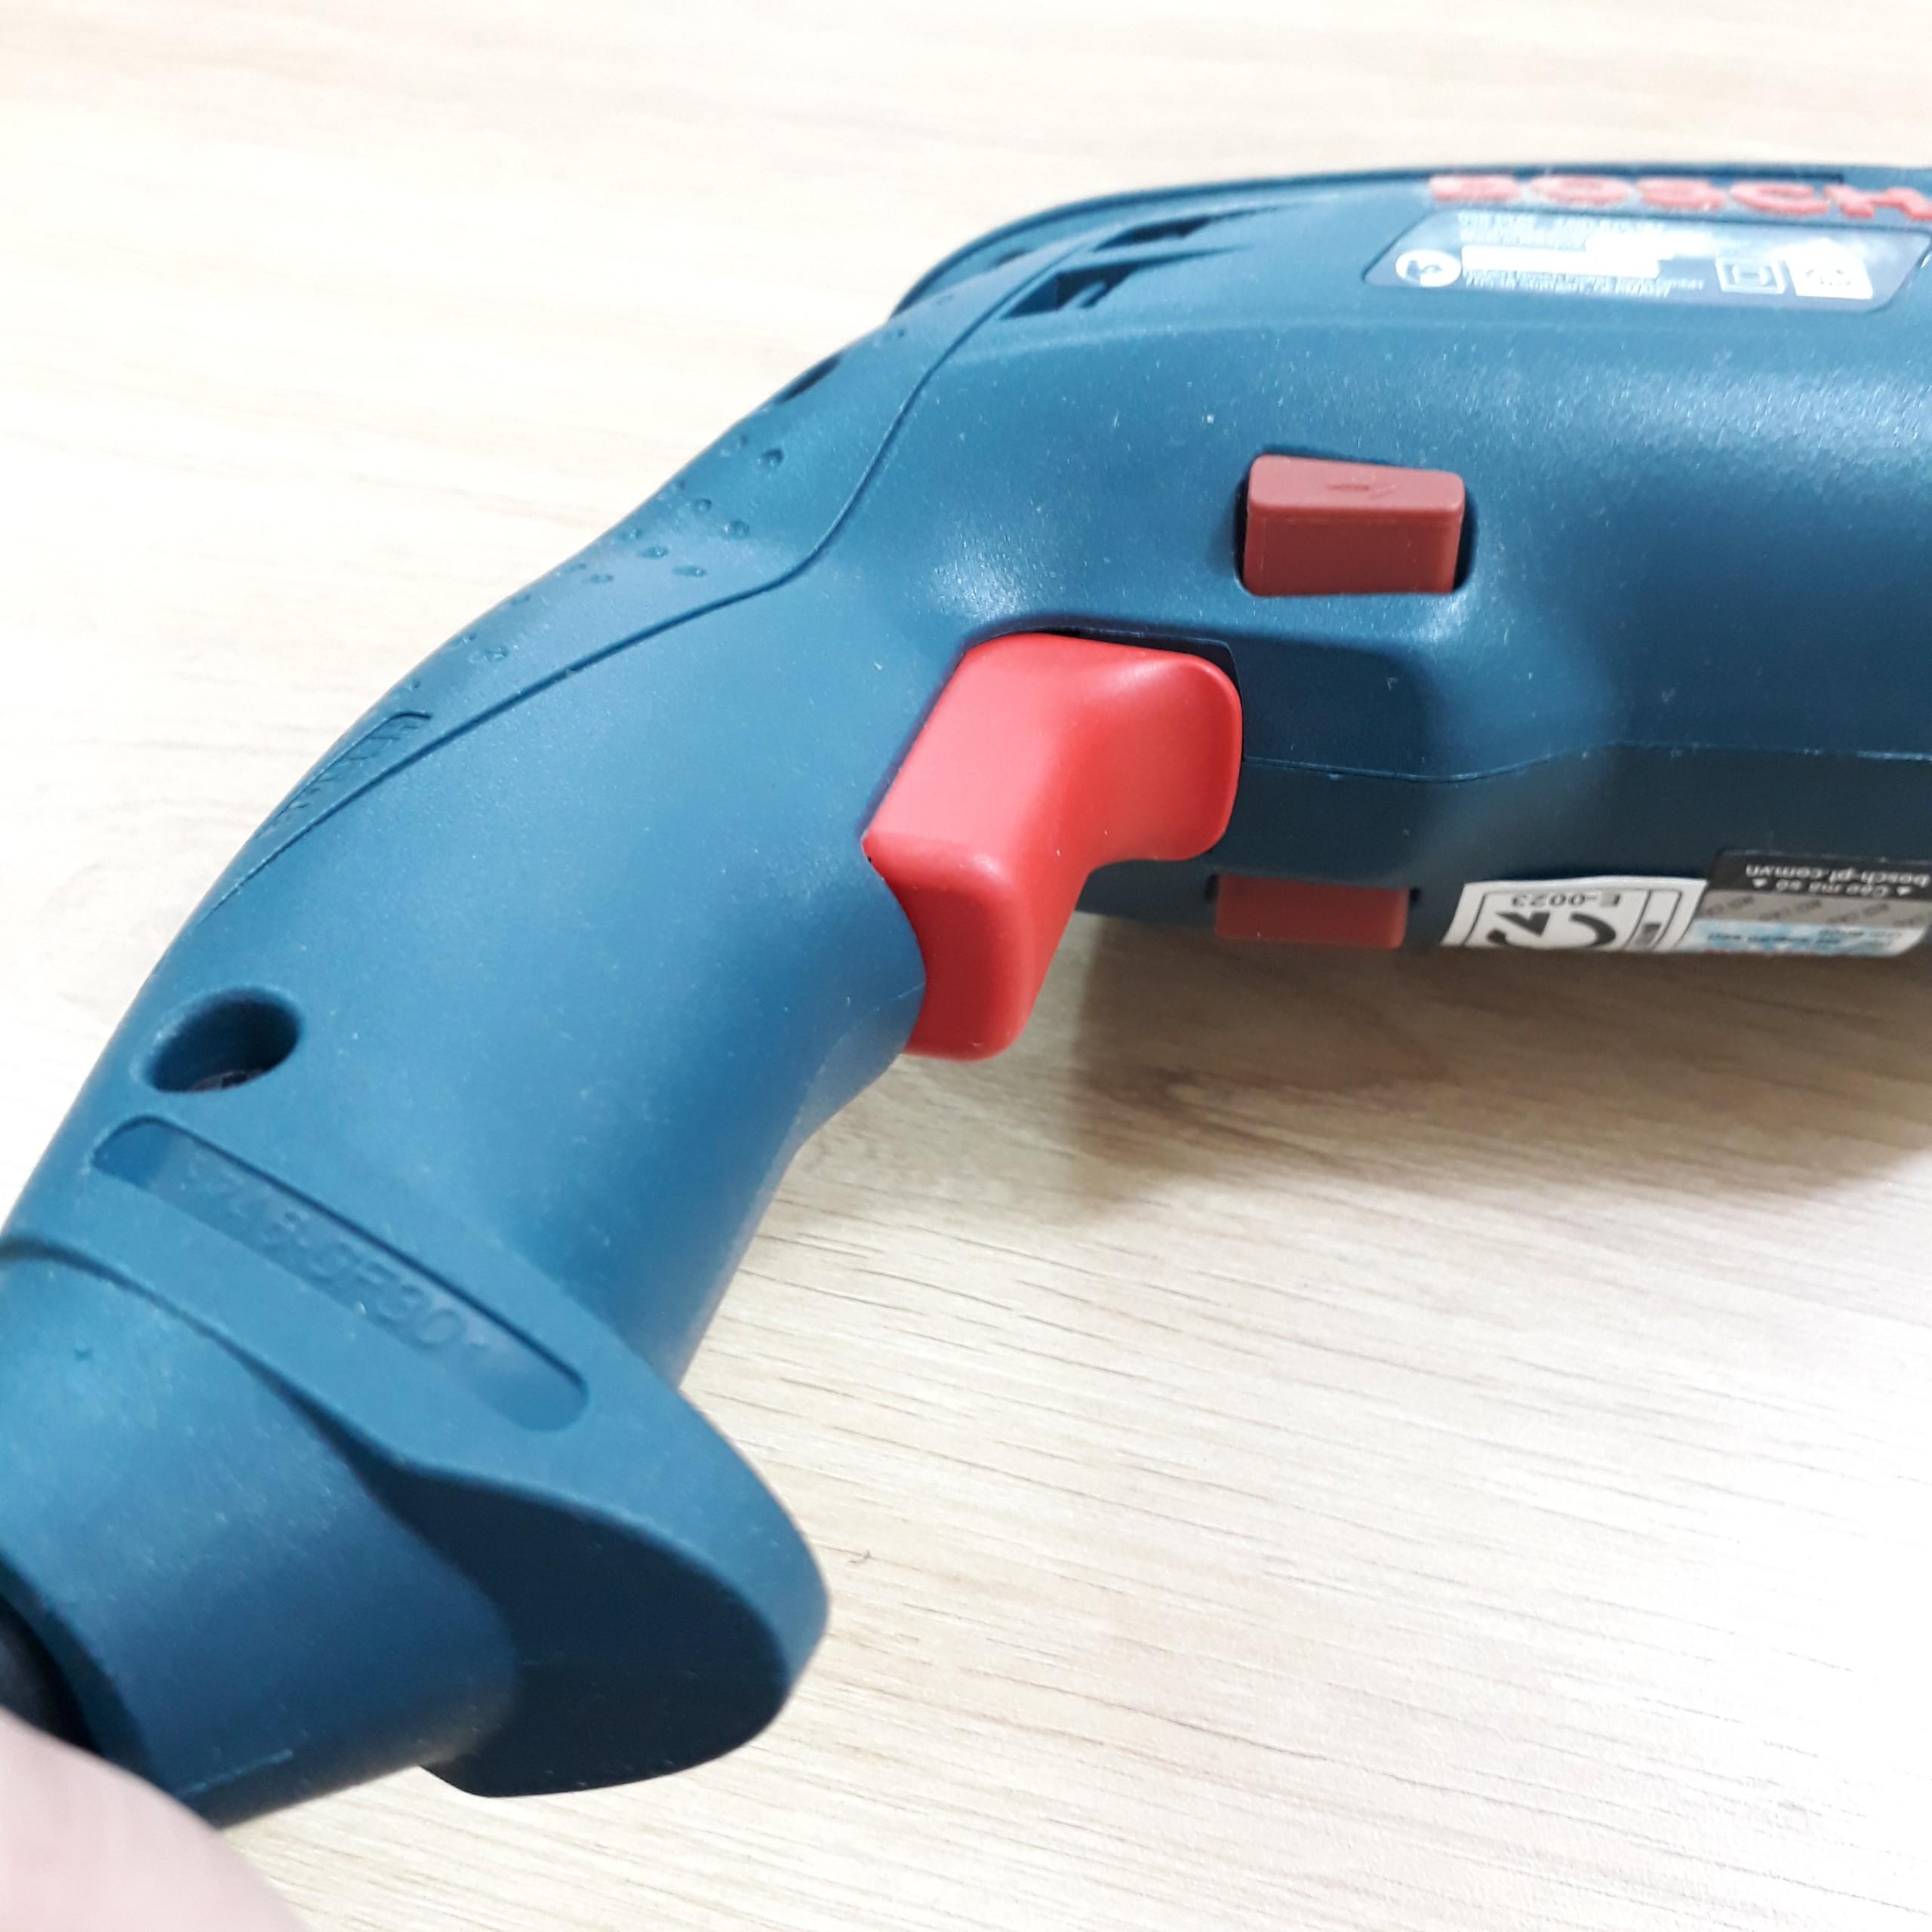 Máy khoan tay Bosch GSB10RE GSB10RE Bosch | Giá rẻ nhất - Công Ty TNHH Thương Mại Dịch Vụ Đạt Tâm